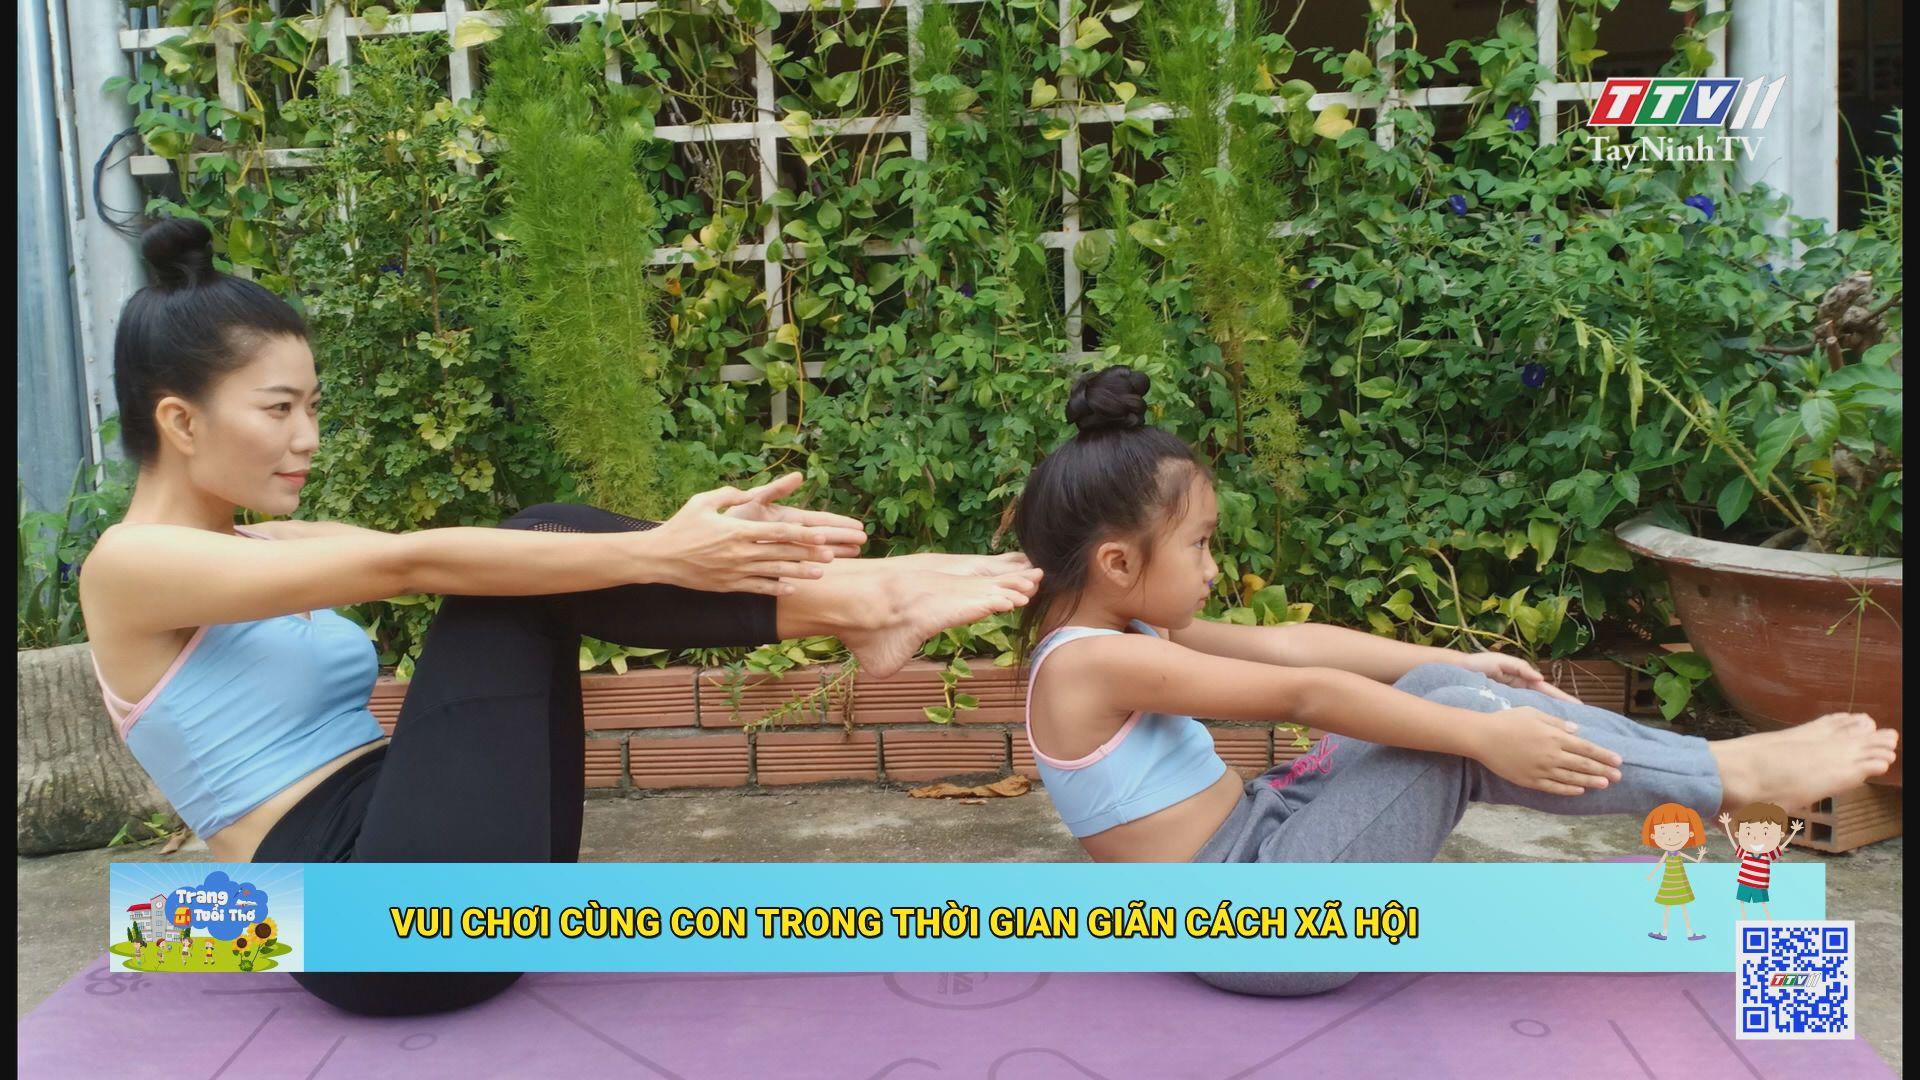 Vui chơi cùng con trong thời gian giãn cách xã hội | TRANG TUỔI THƠ | TayNinhTV